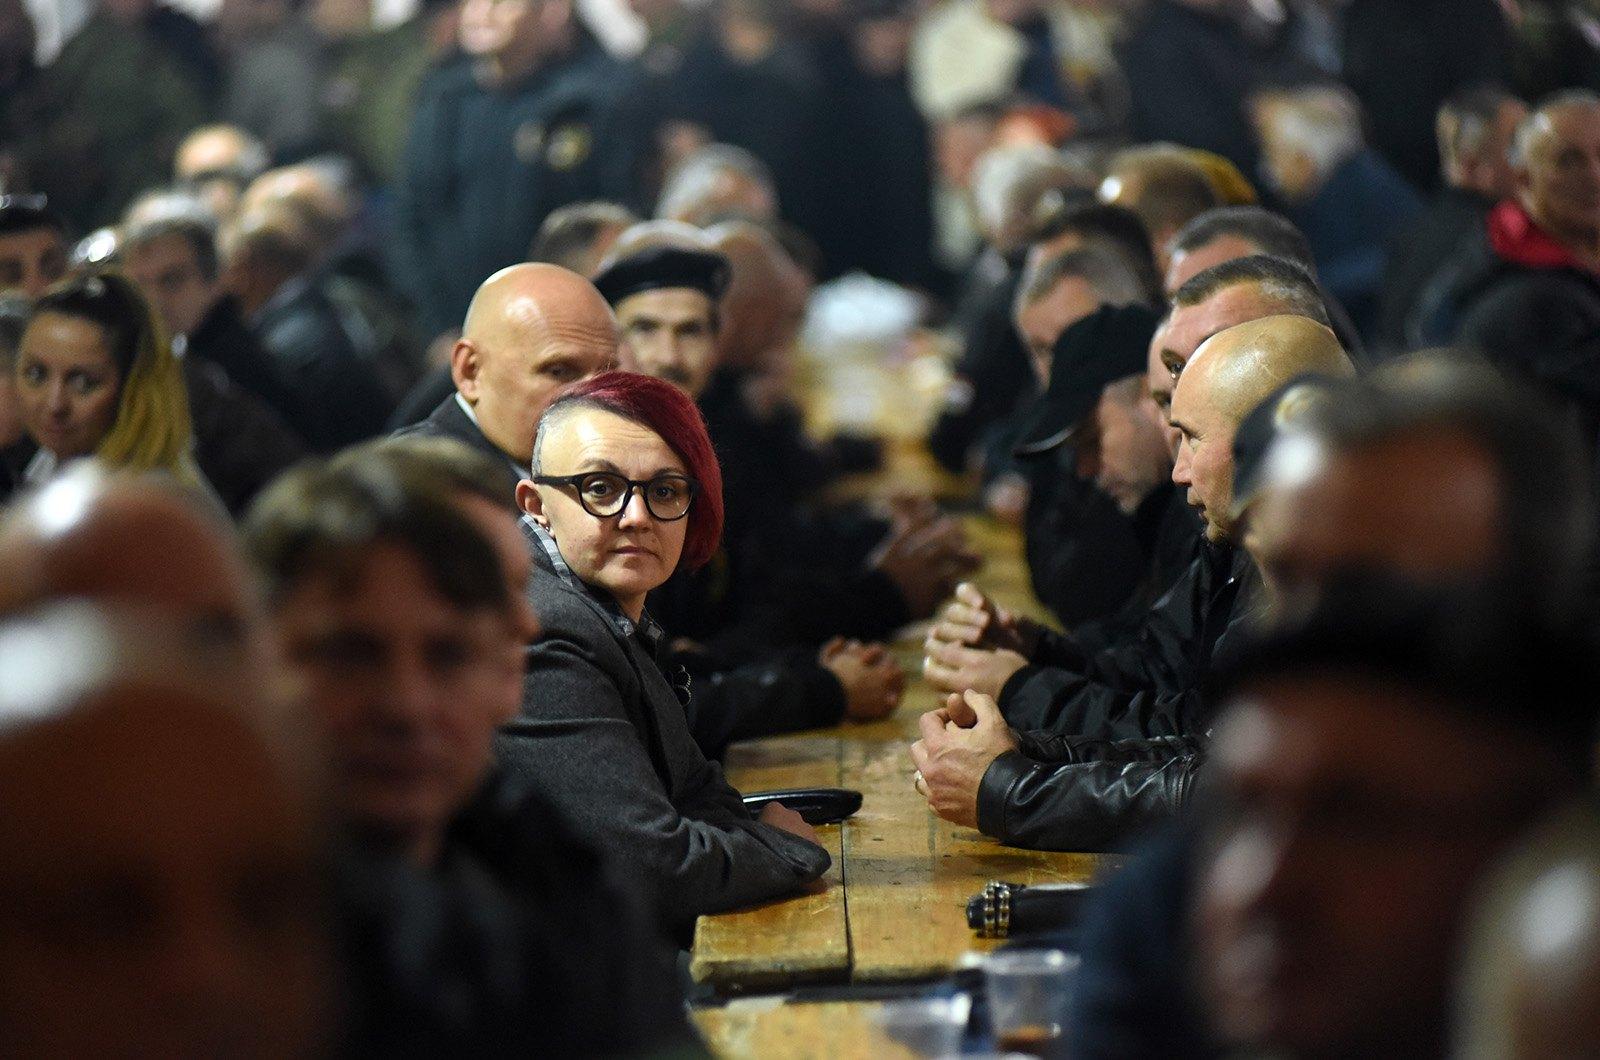 Ministar Krstičević poručio: Mladi nasljednici bojne Tigrovi ponosno i dostojanstveno baštine tradiciju i nastavljaju slavni put Tigrova| Foto: MORH / M. Čobanović